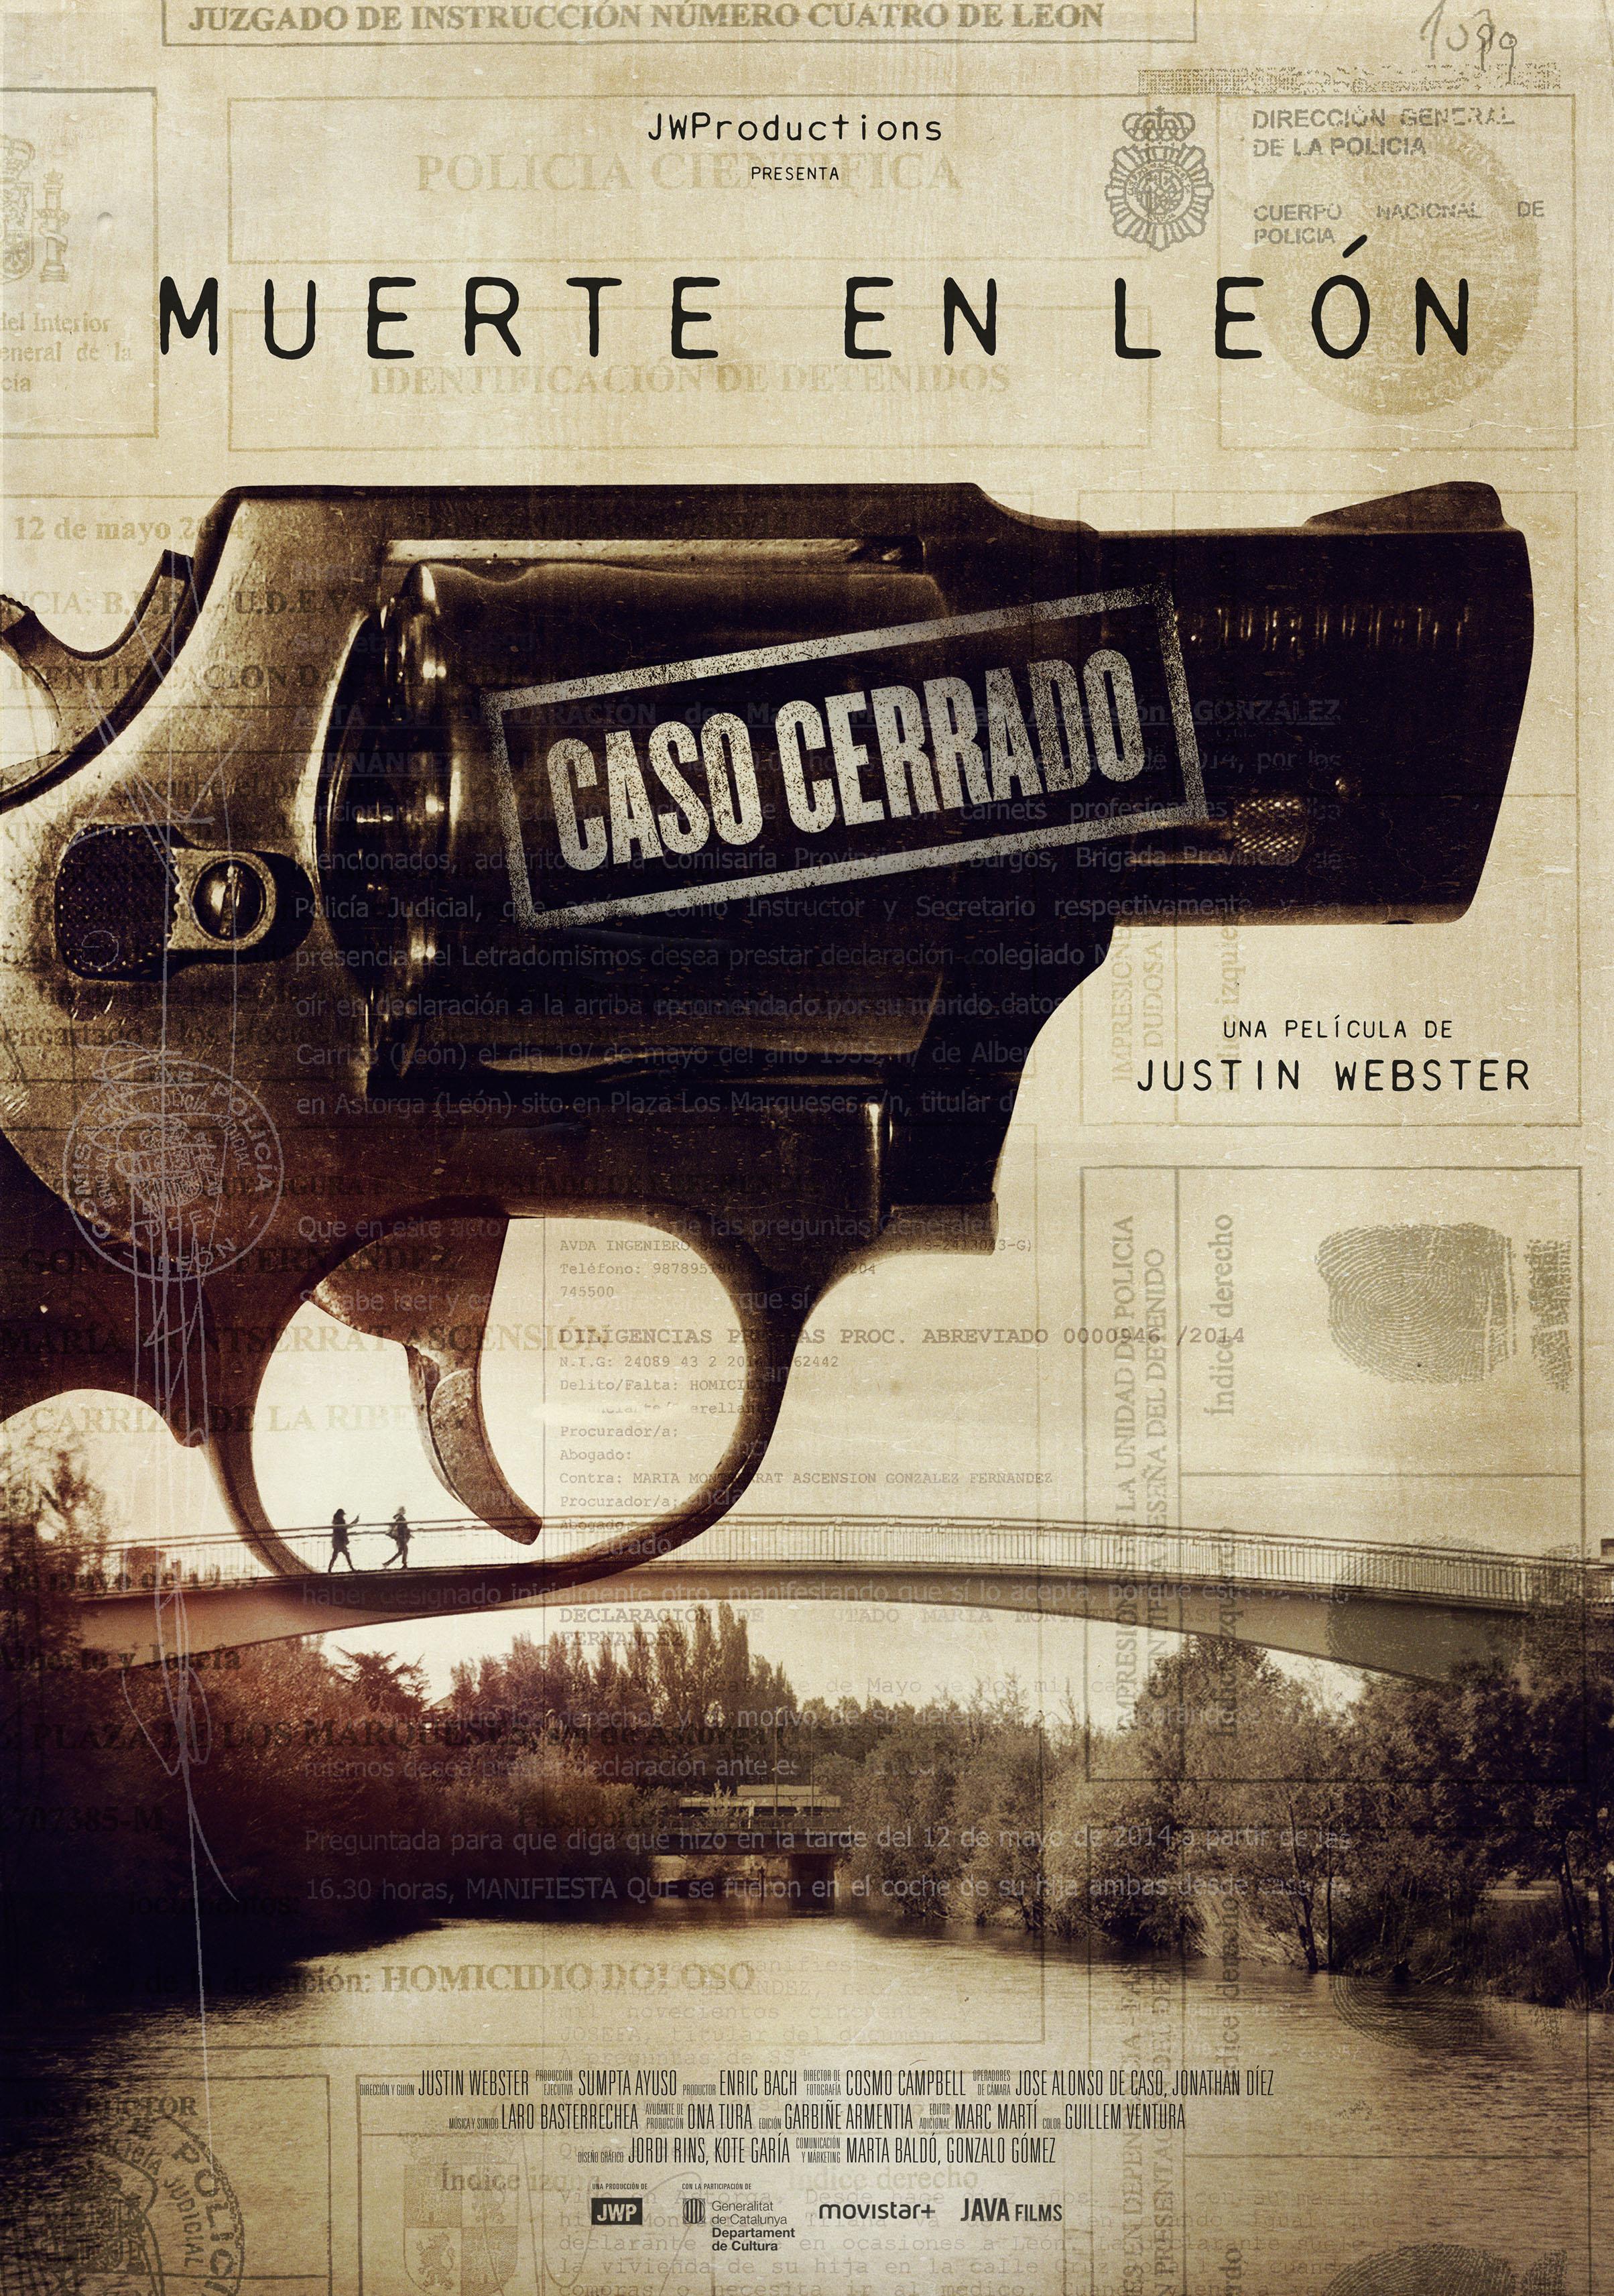 'Muerte en León. Caso cerrado' en HBO a partir del 22 de marzo